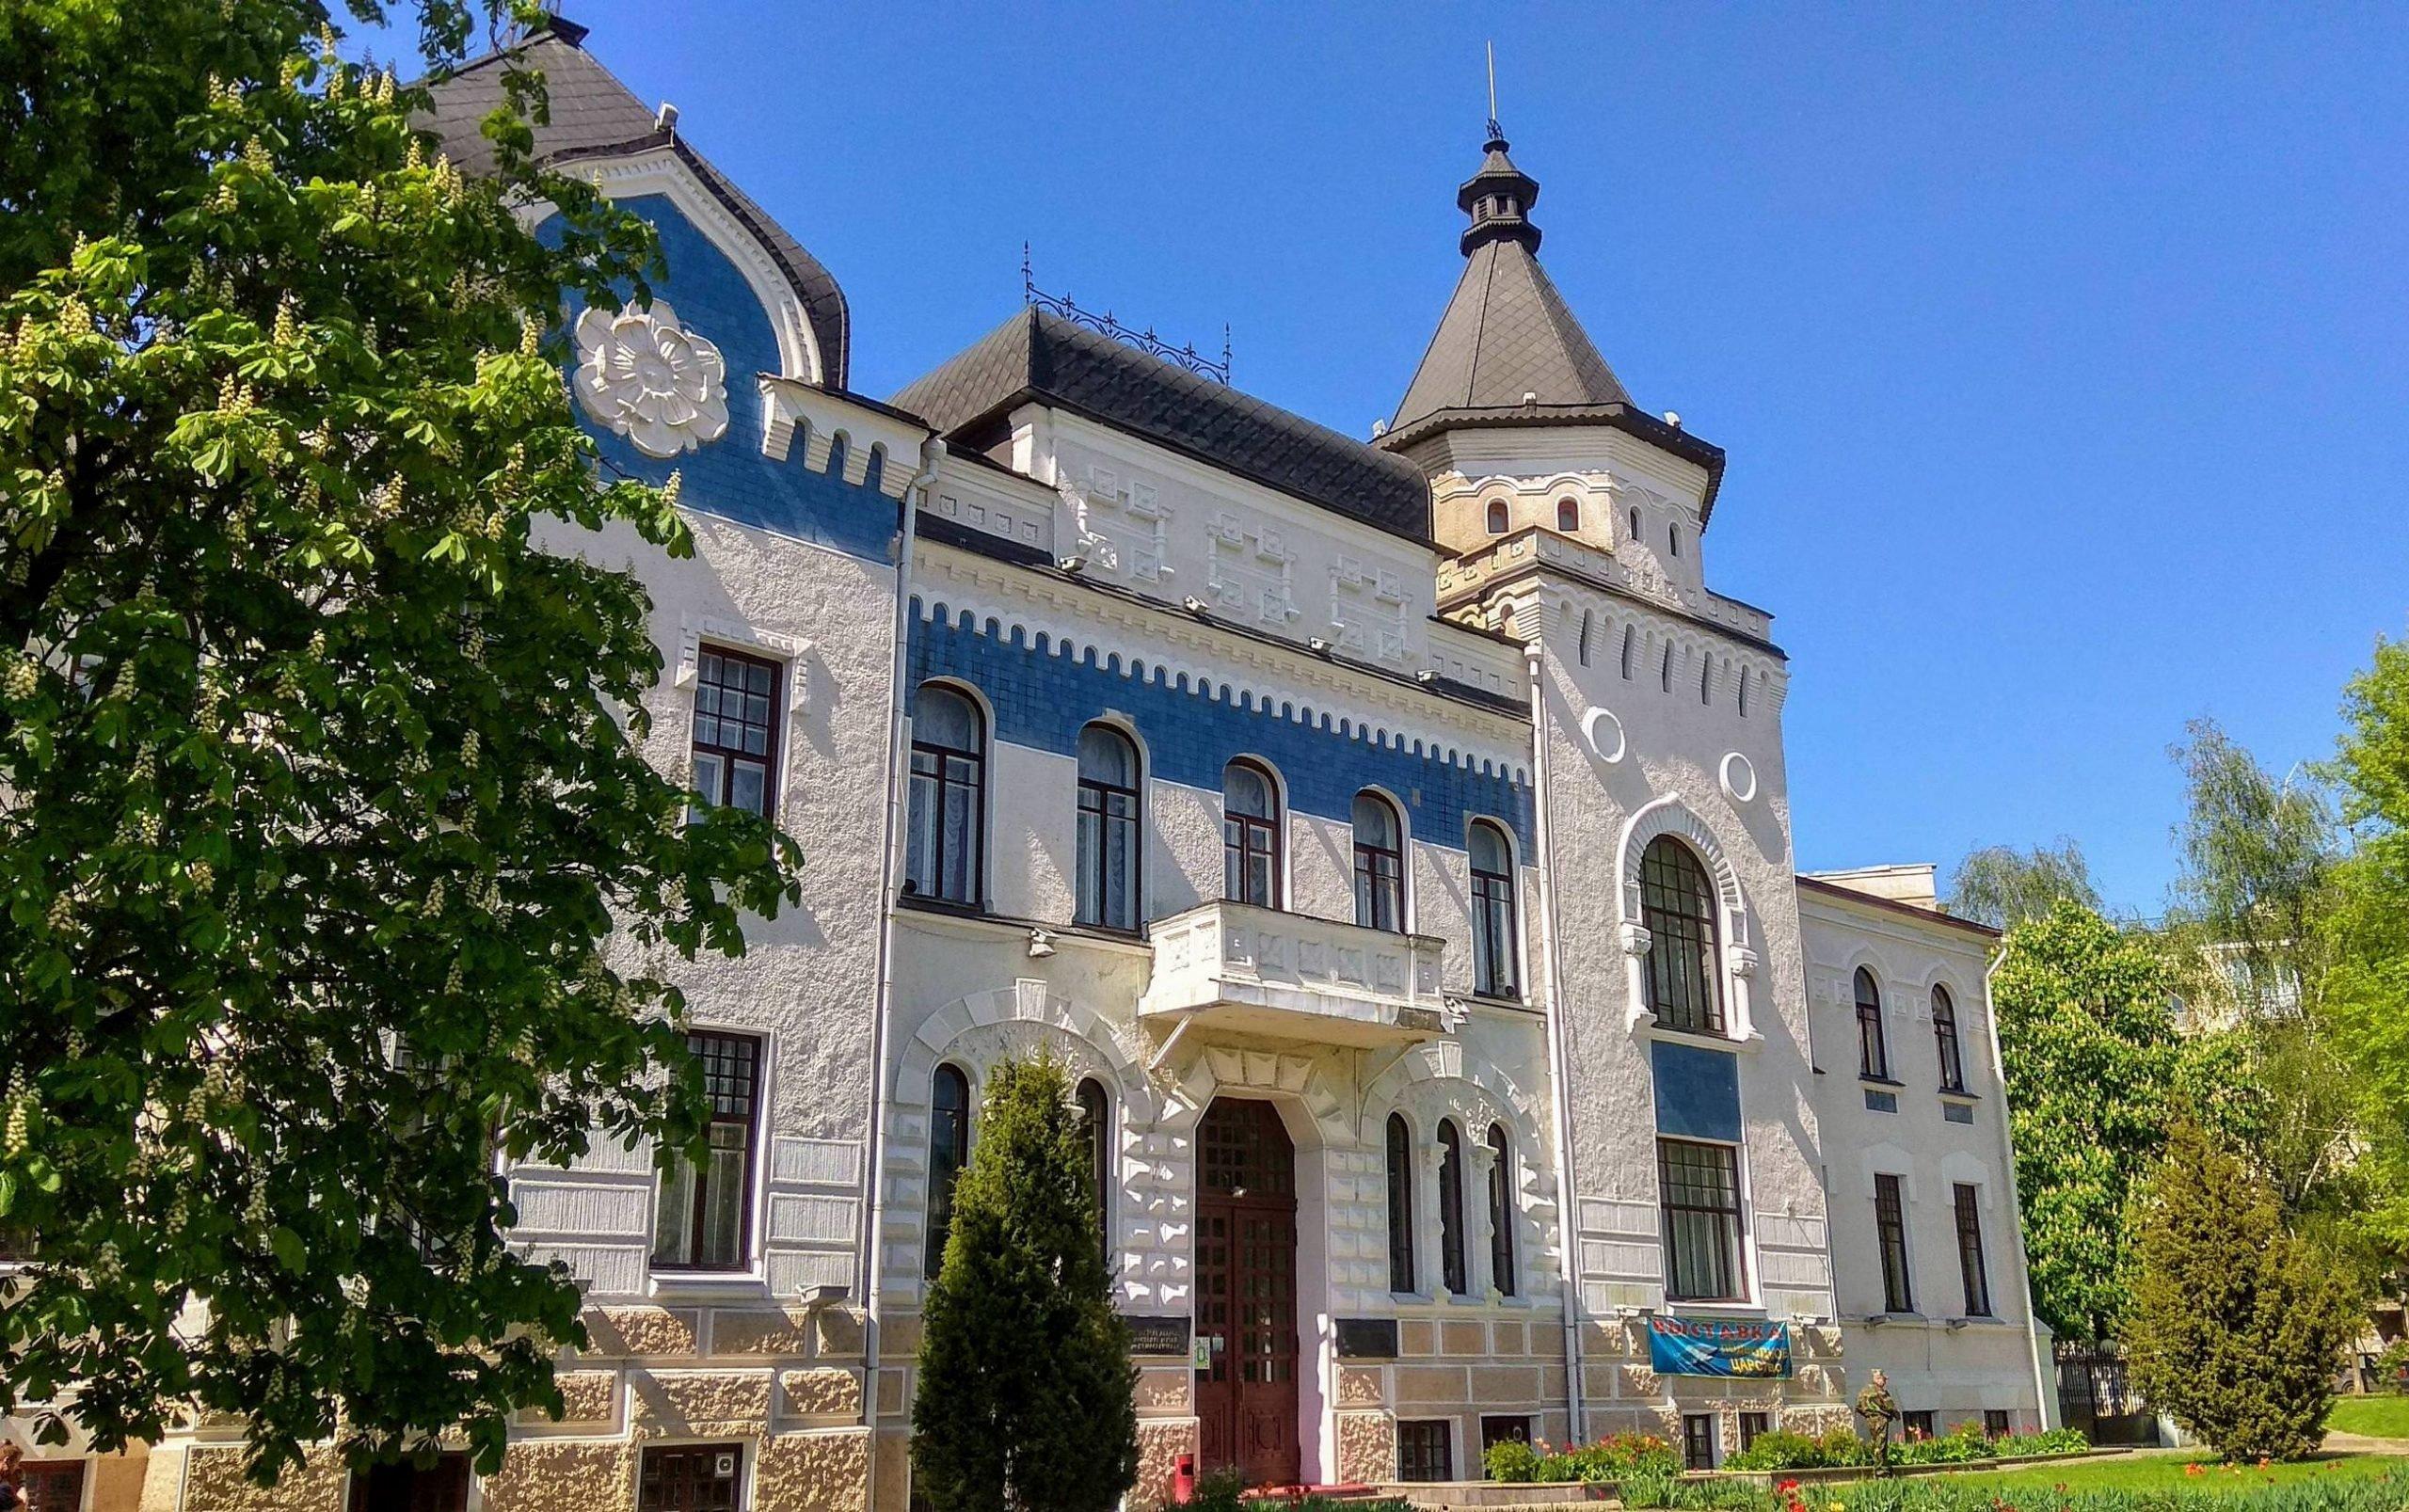 Музей «Могилевский областной художественный музей имени П.В. Масленикова»